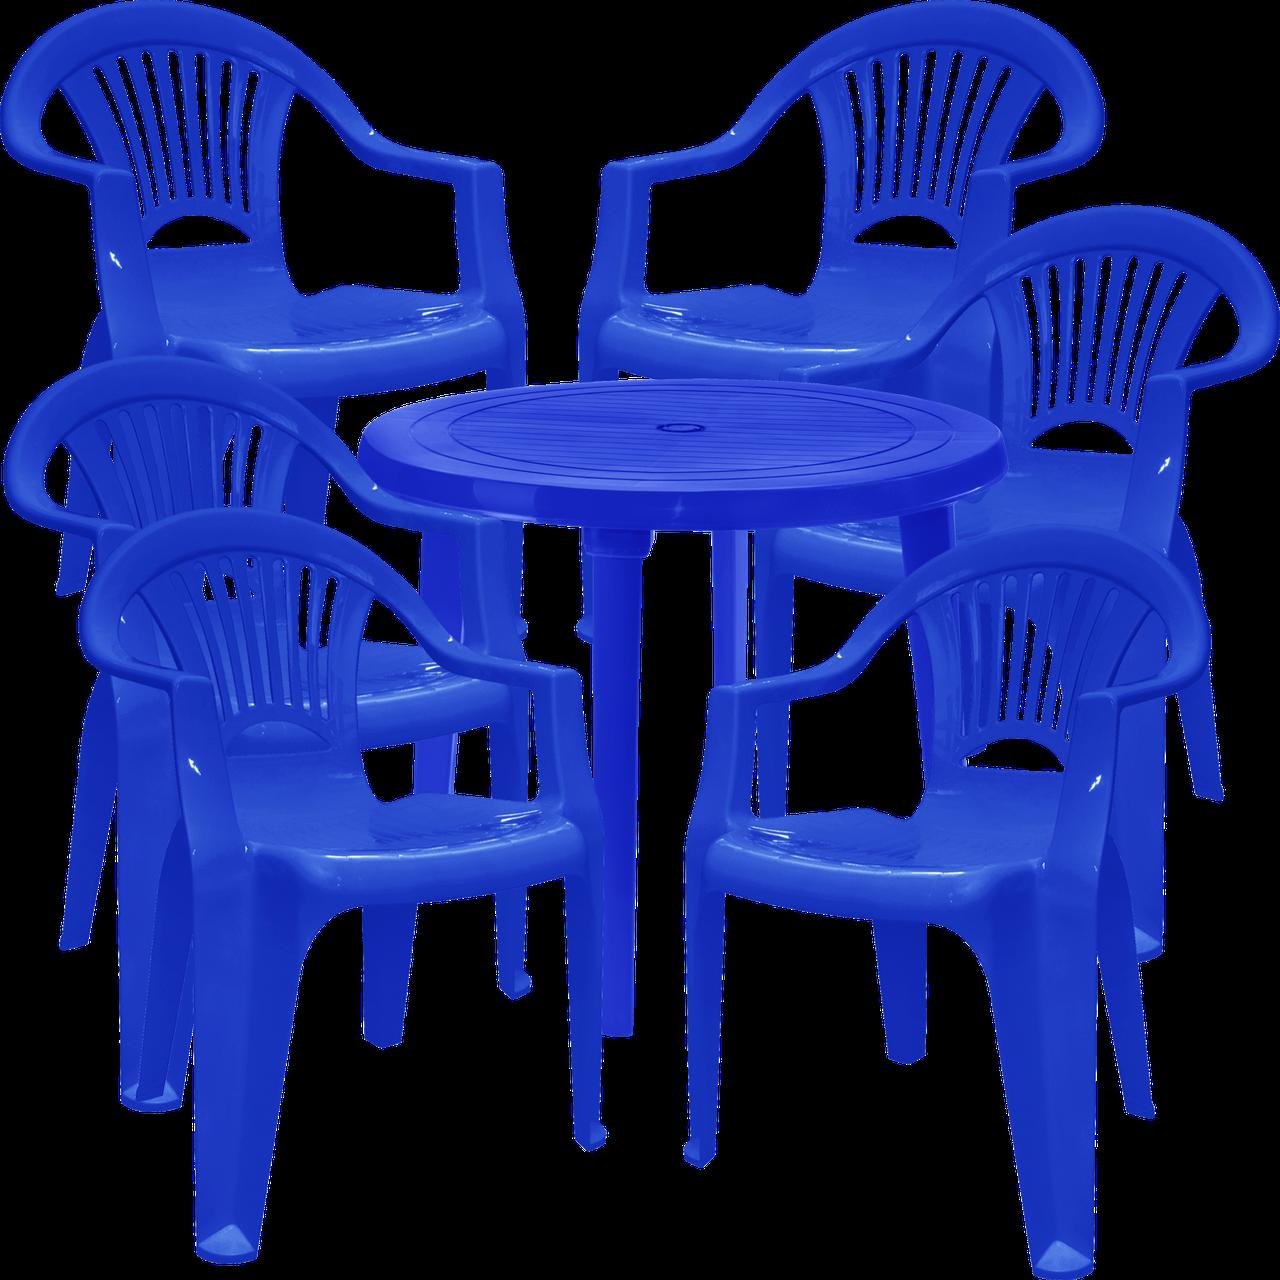 Комплект мебели для улицы Синий (ЛУКРУ 6s)